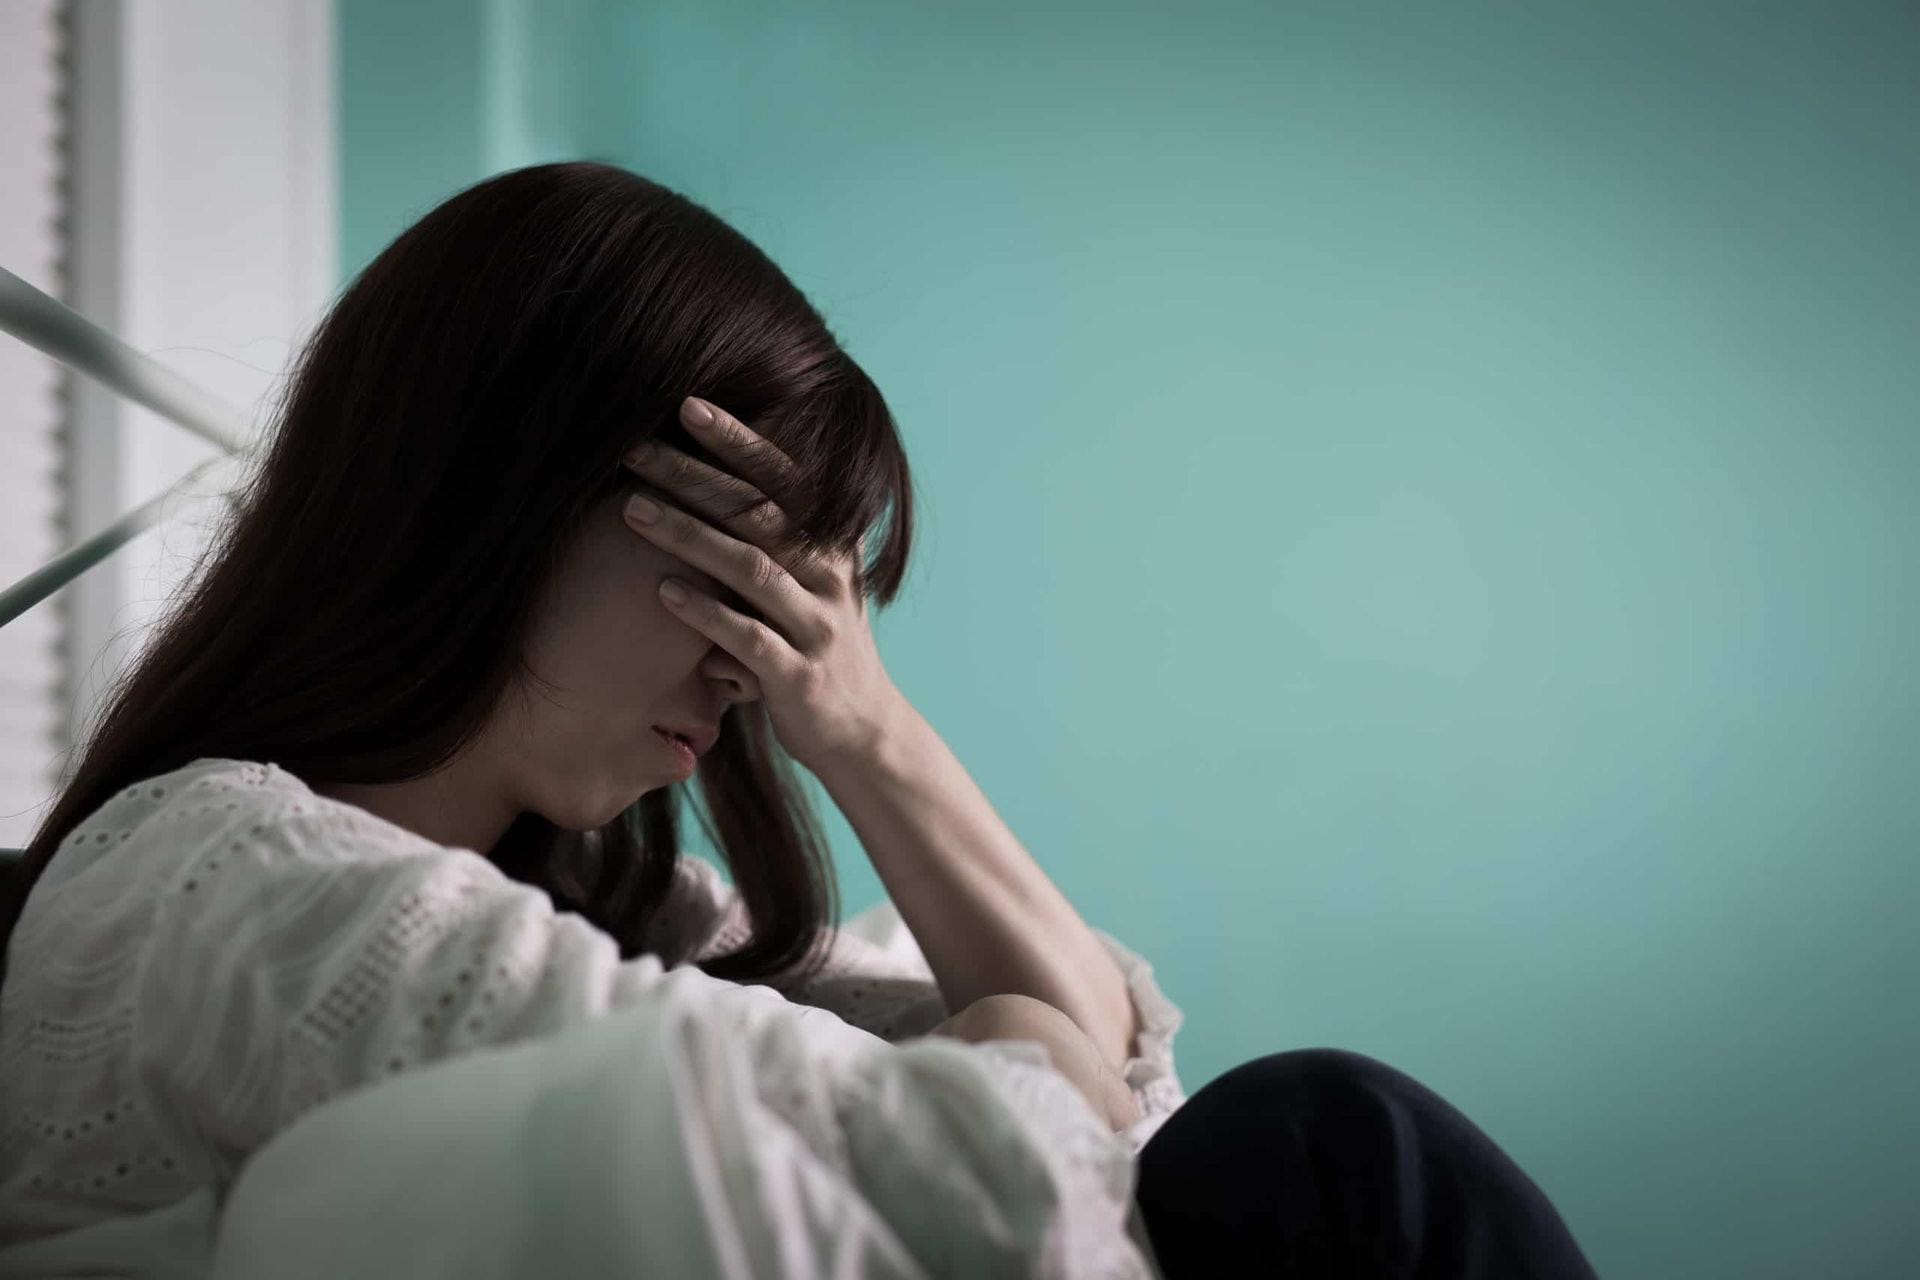 情緒和壓力等問題日積月累,導致氣、痰、瘀,繼而產生各種病理產物,最終演變成不同的乳房疾病。(圖片:managertoday)